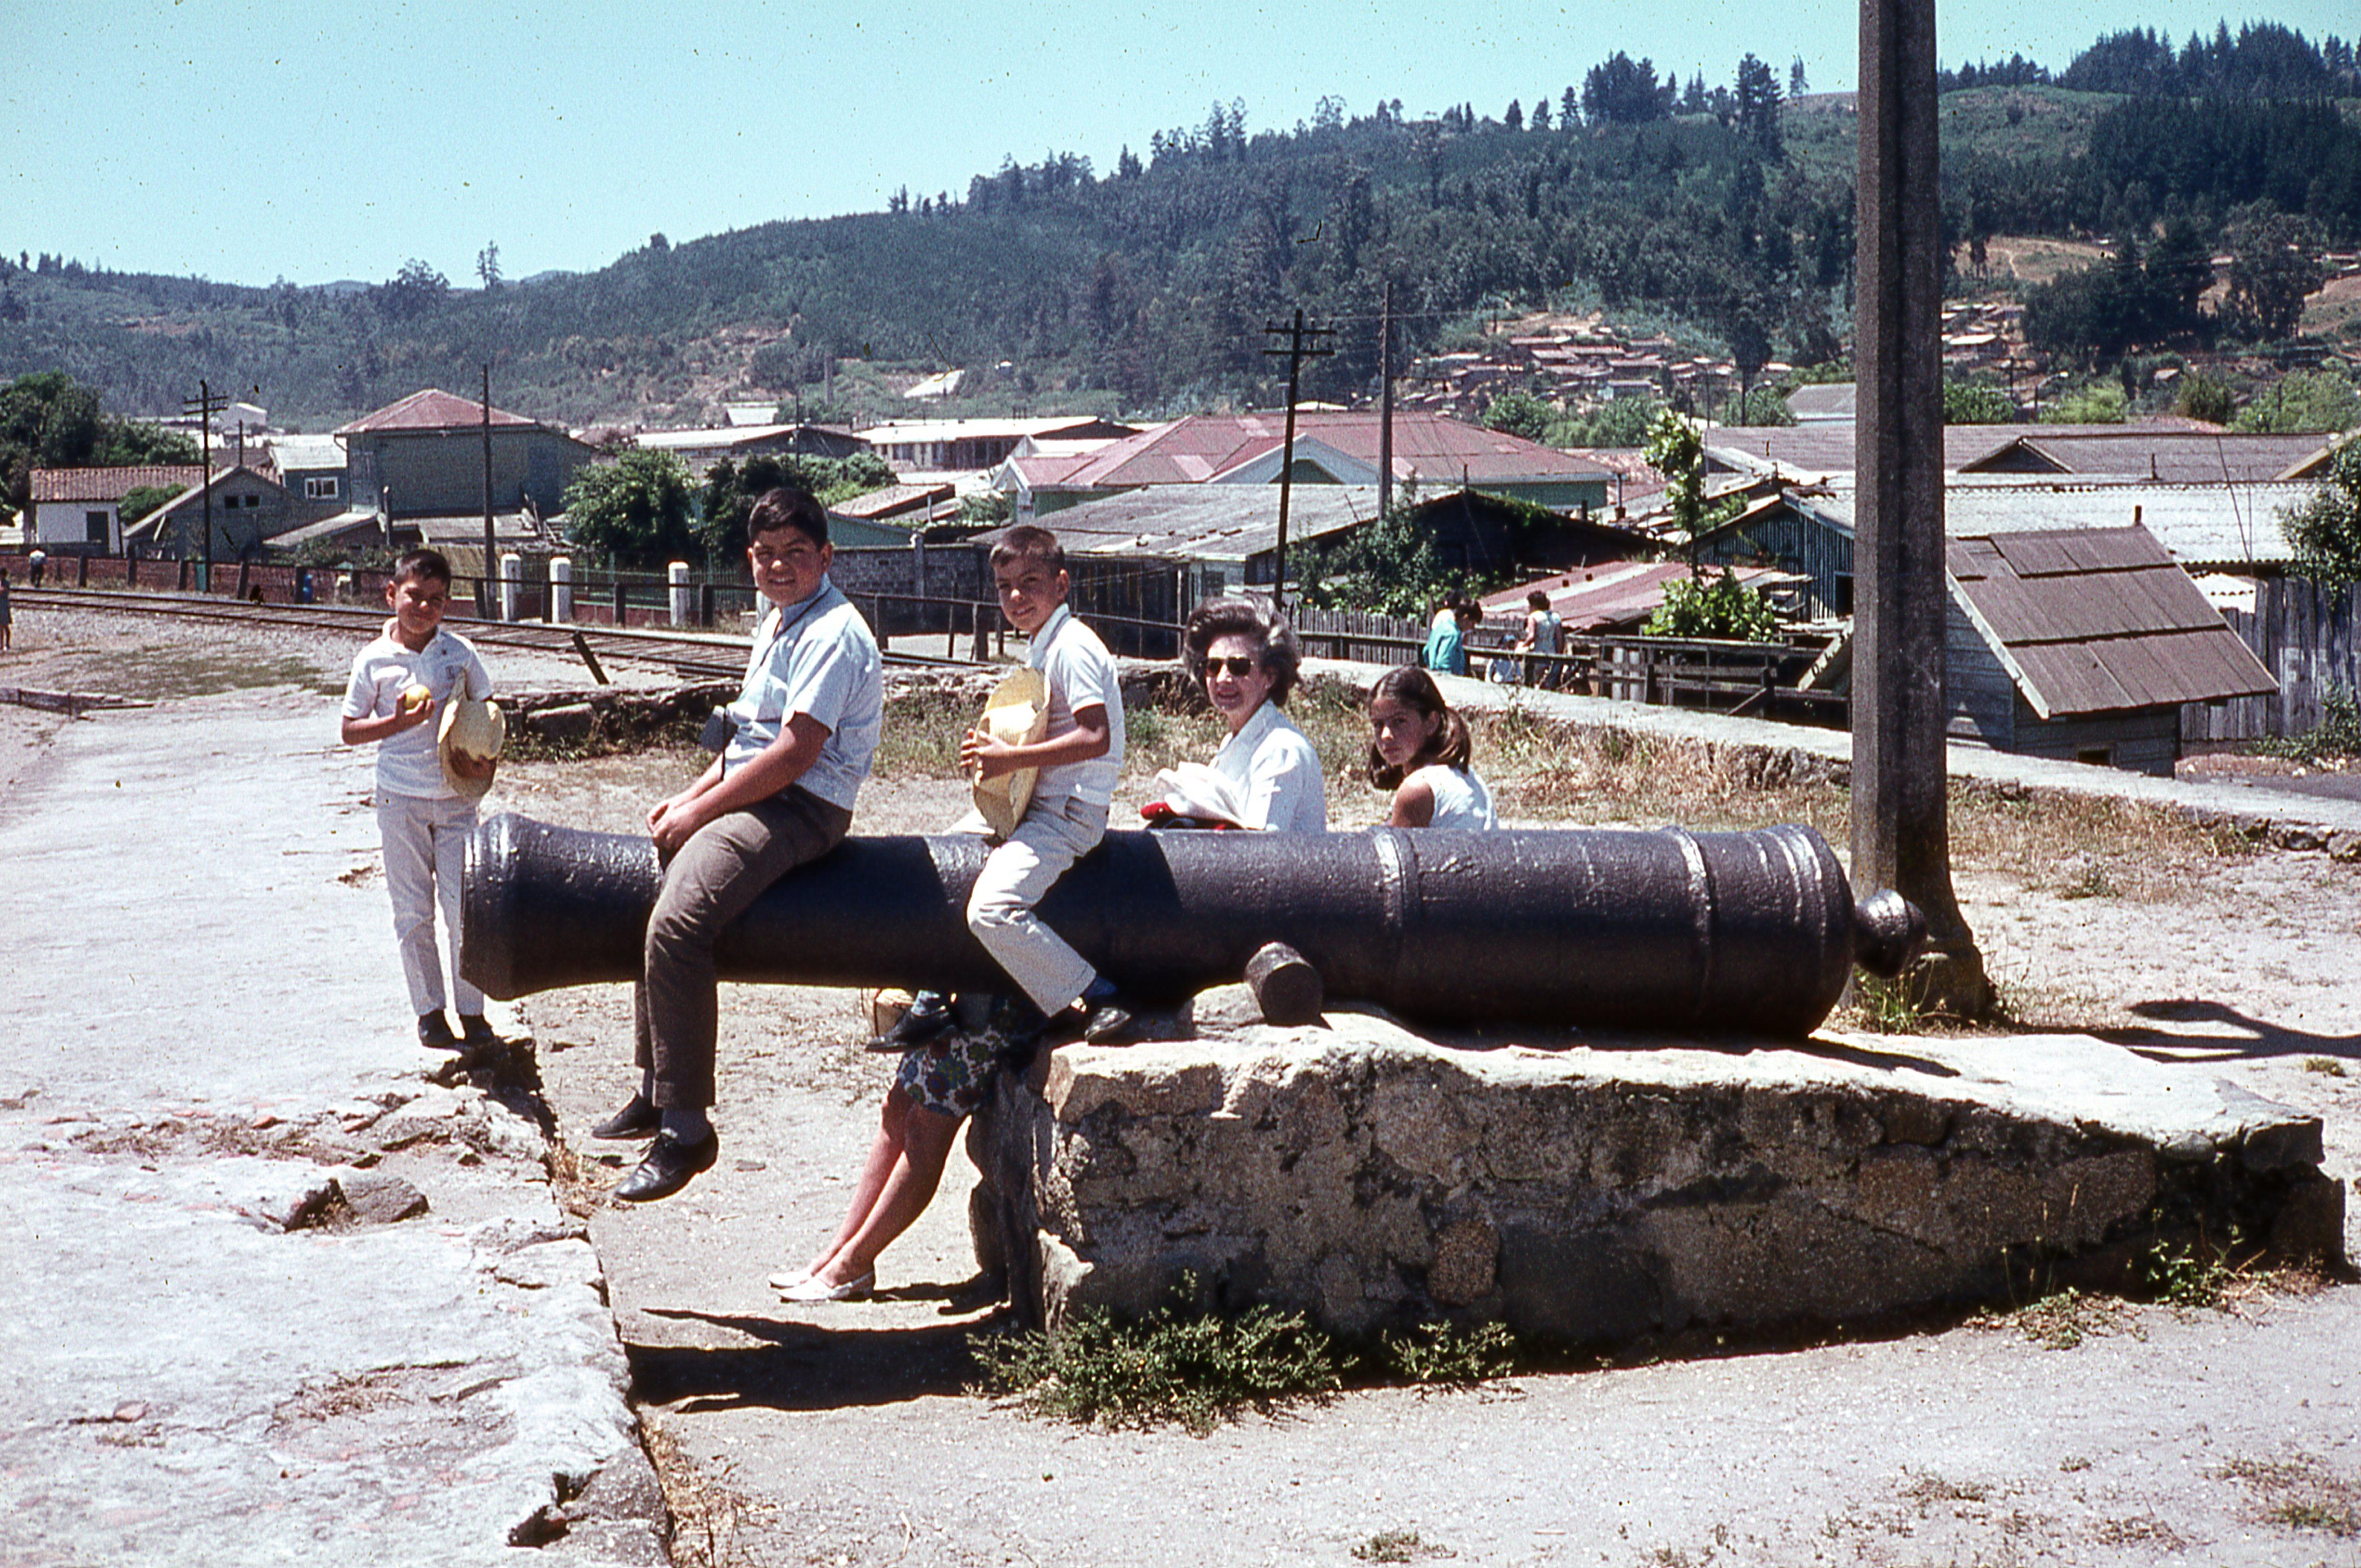 Enterreno - Fotos históricas de chile - fotos antiguas de Chile - Archivo Familia Sepúlveda Urzúa